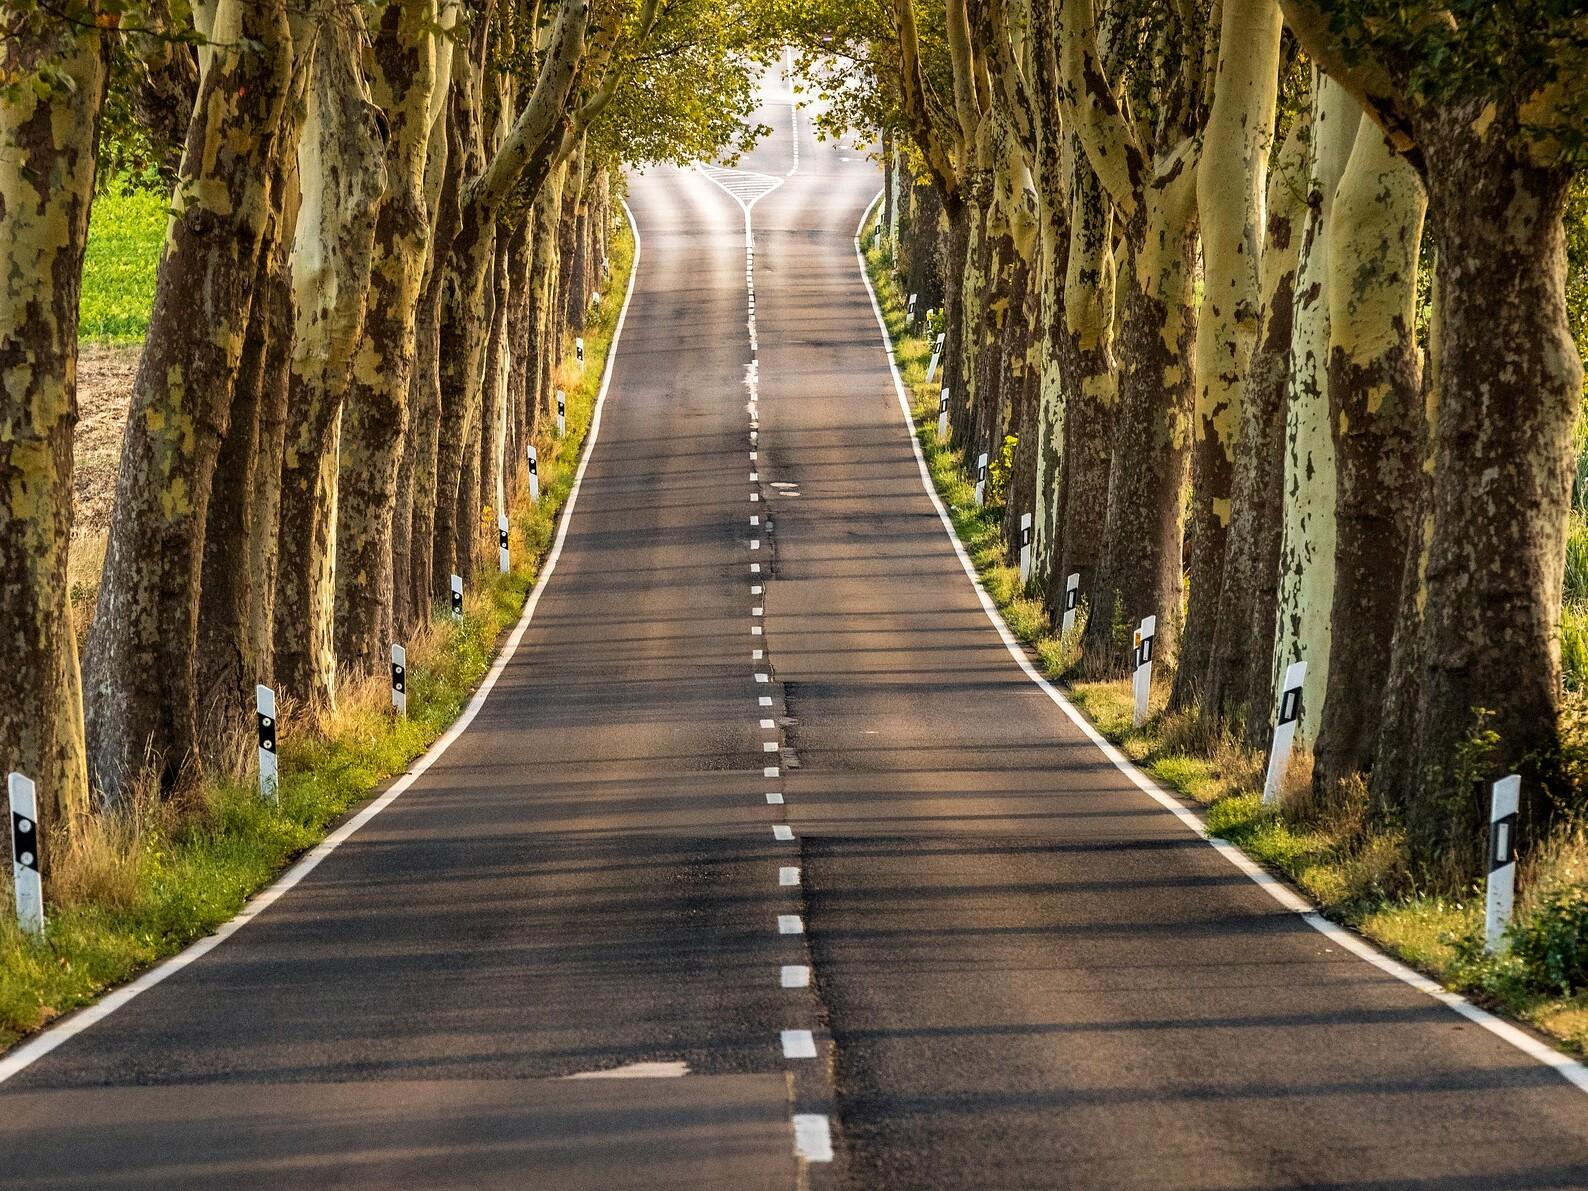 Einsame Landstraße mit alten Bäumen rechts und links.